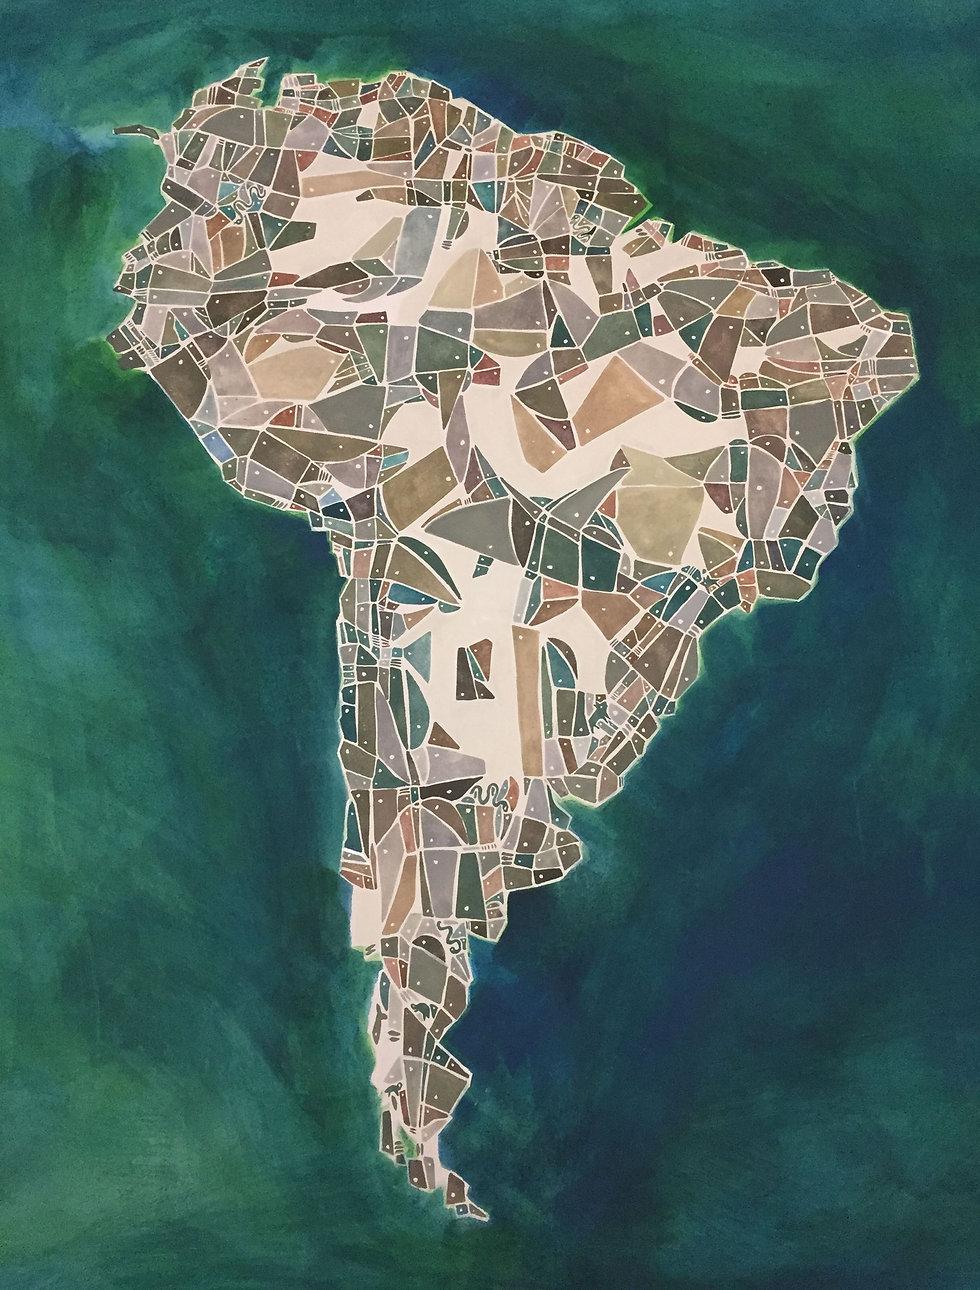 Mapa de América del Sur  margarita nores